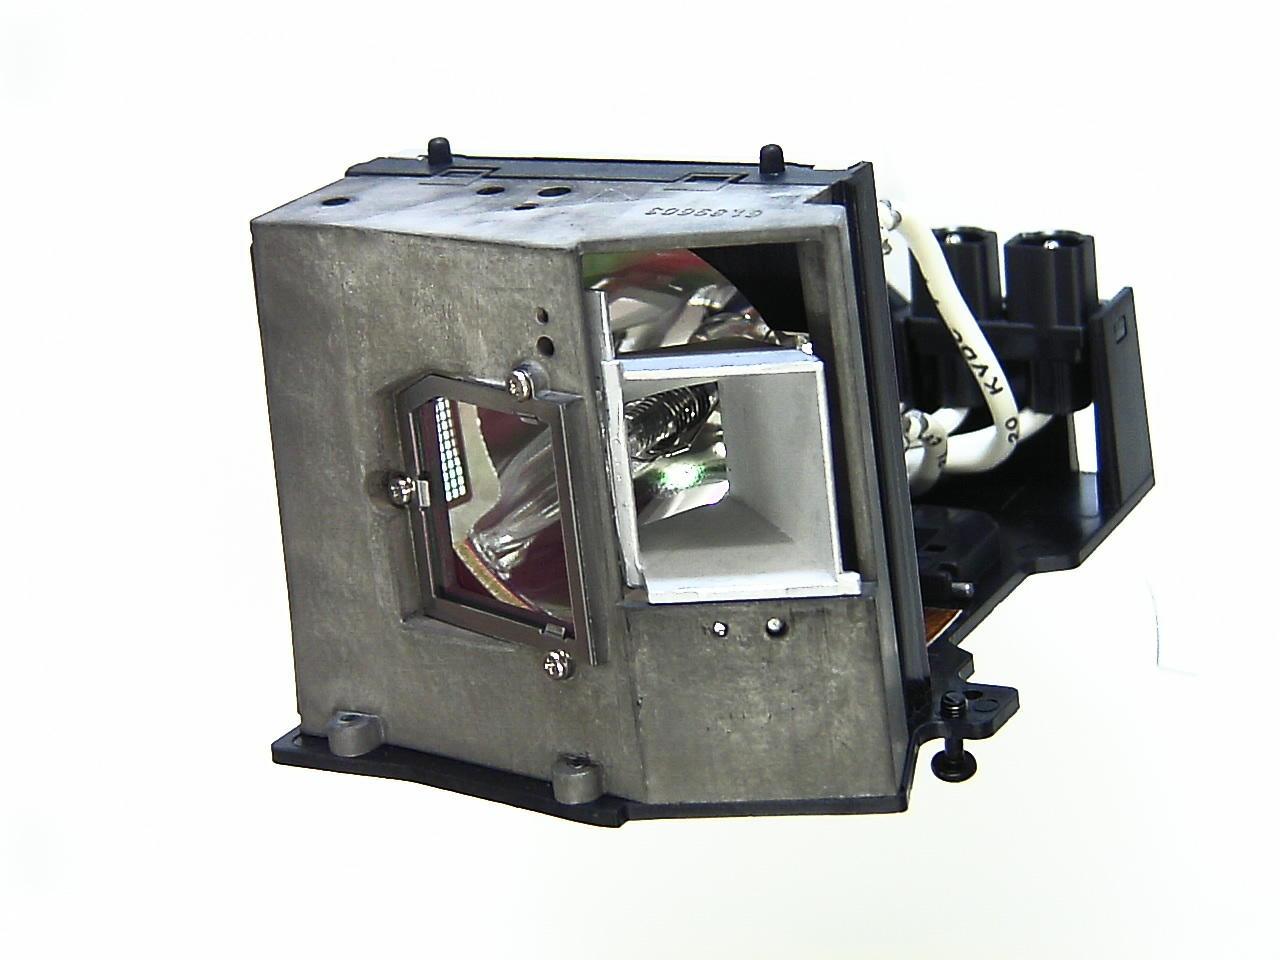 Lampada vapori mercurio 250w vendo lampade - Cerca, compra, vendi nuovo e usato: Lampade ...